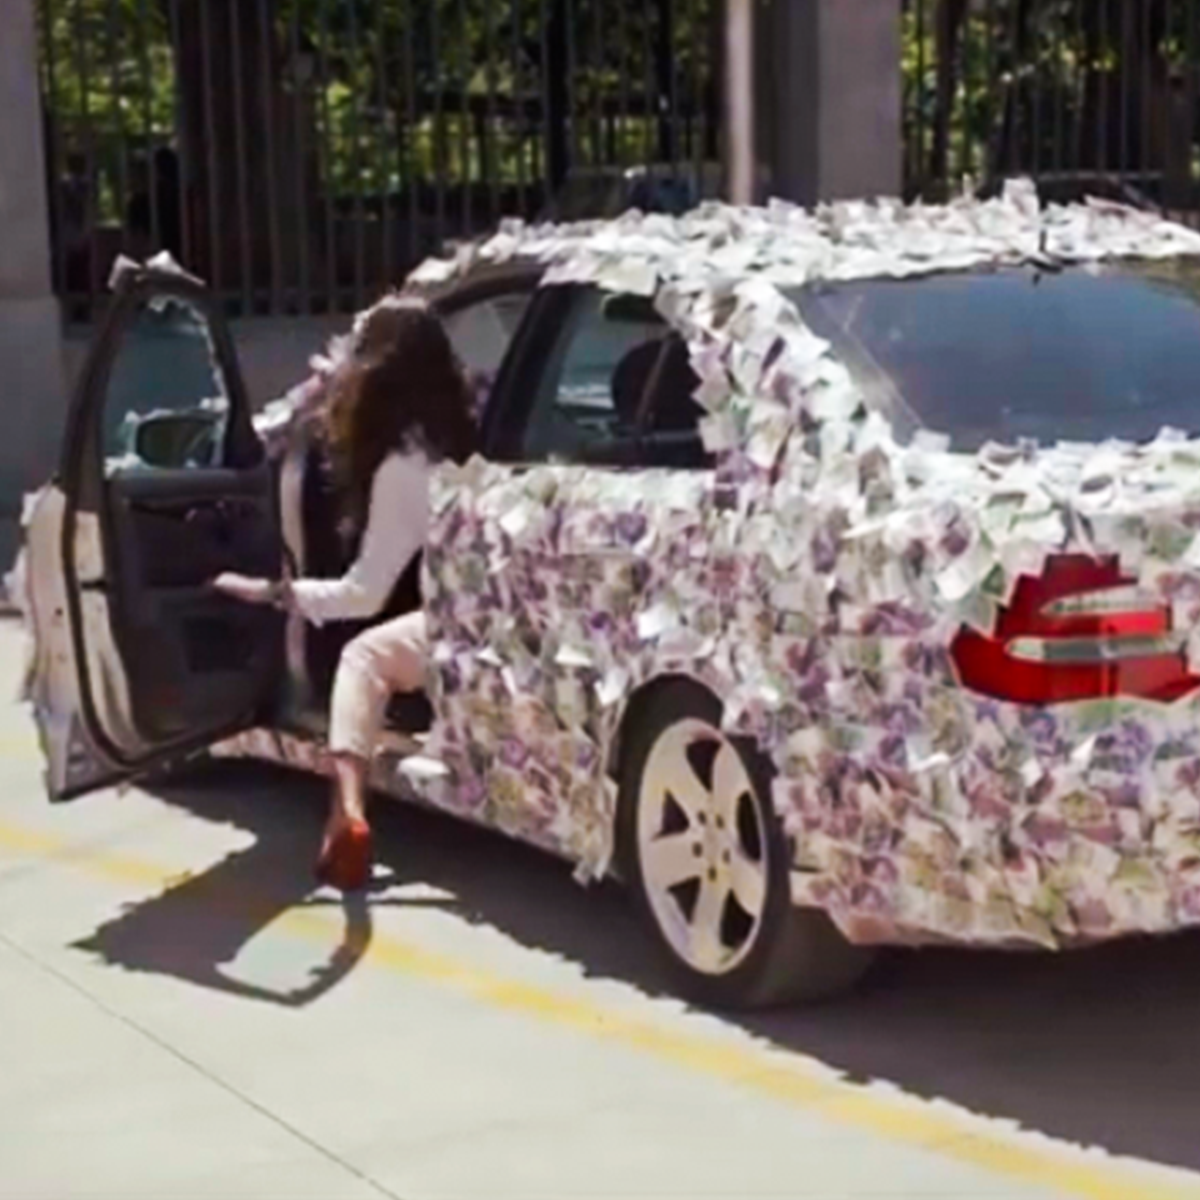 SSwiss Capital მიიღეთ 50000 ლარამდე თქვენი ავტომობილის საშუალებით